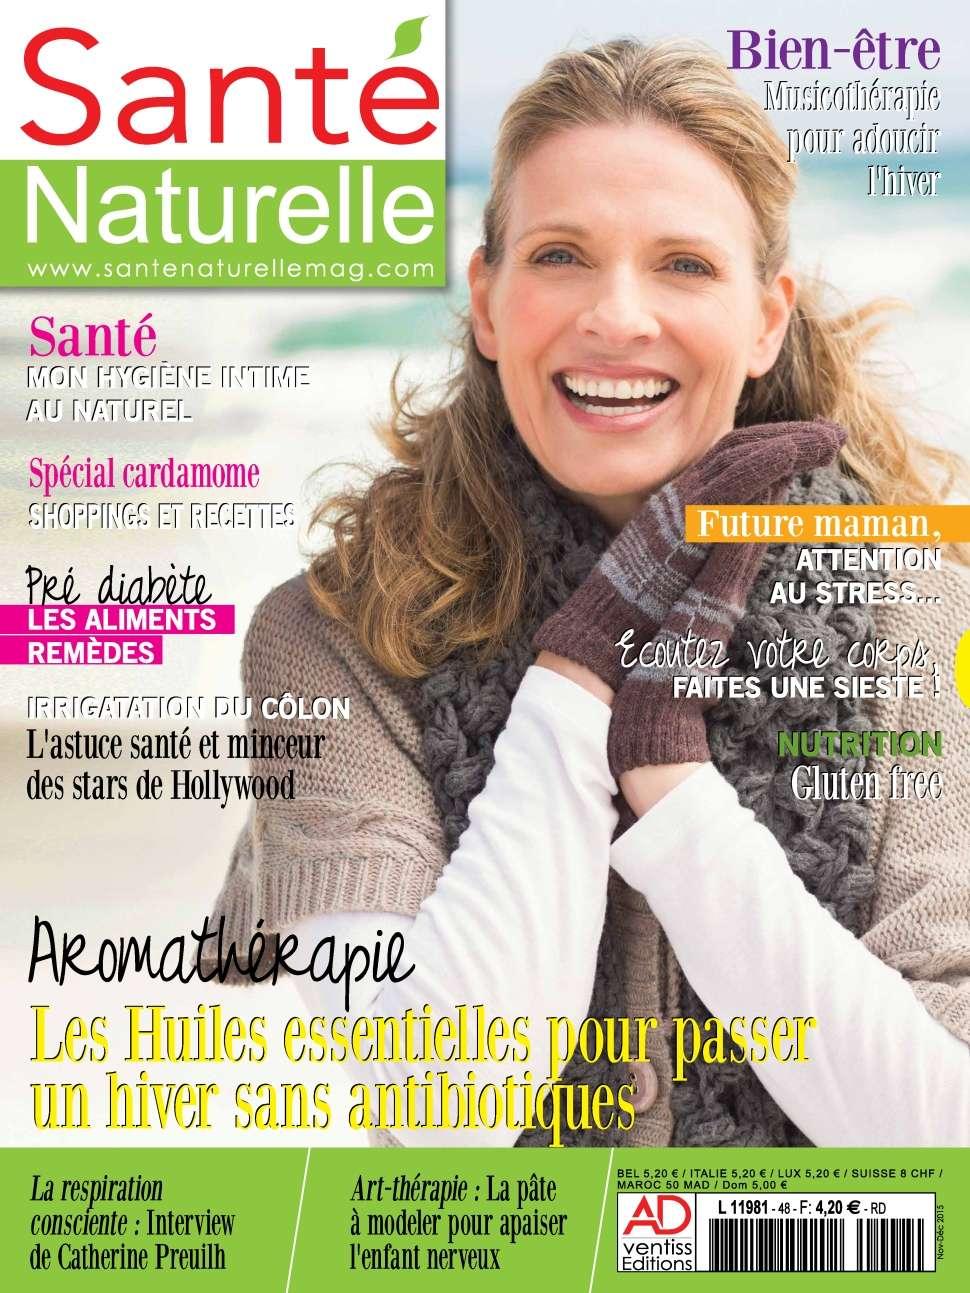 Santé Naturelle 48 - Novembre/Decembre 2015